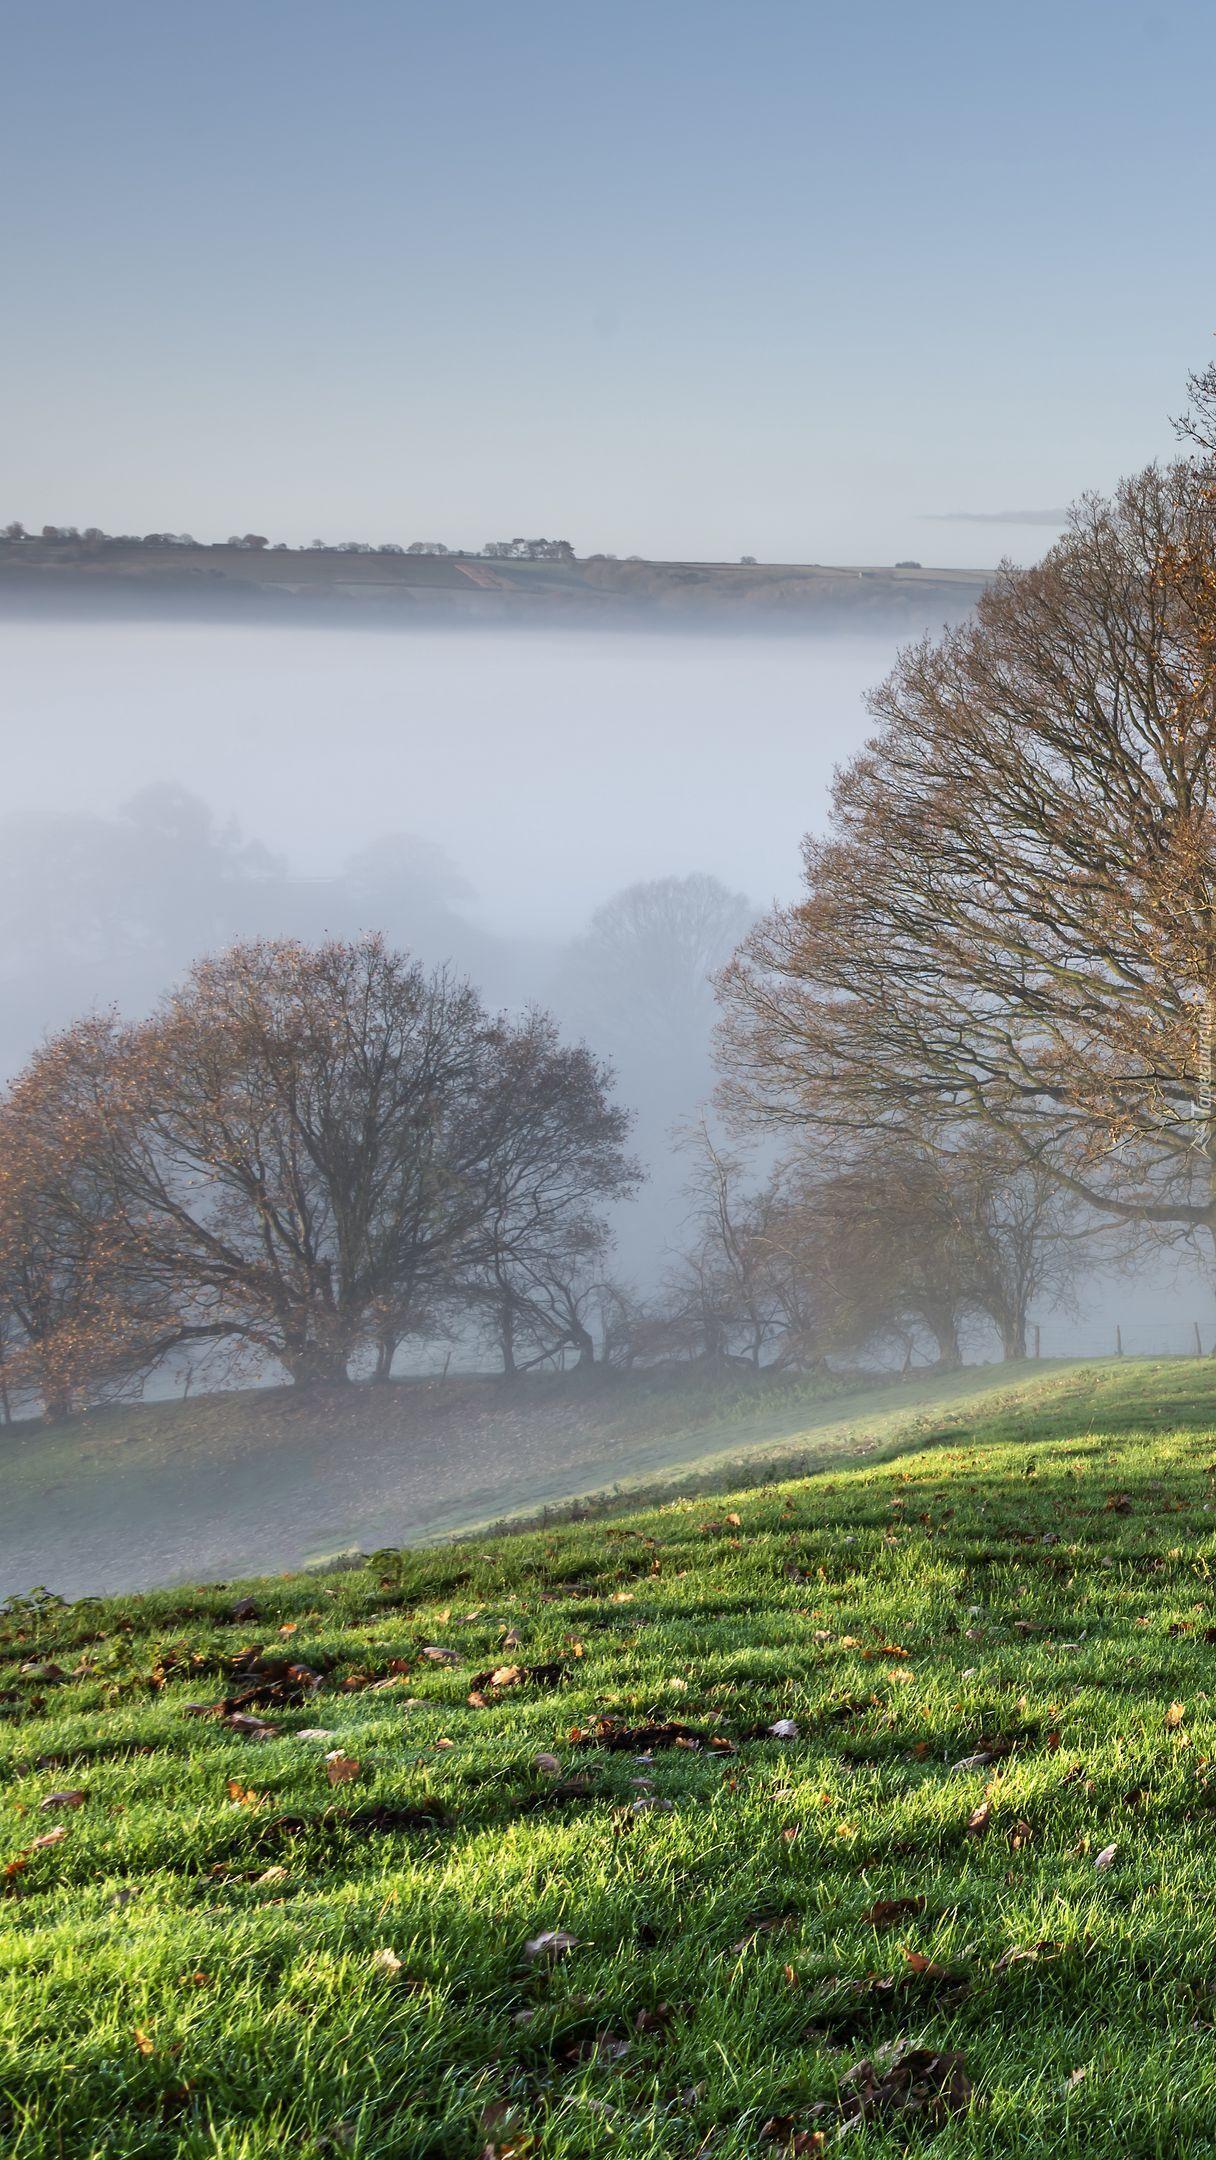 Zamglone drzewa na wzgórzu